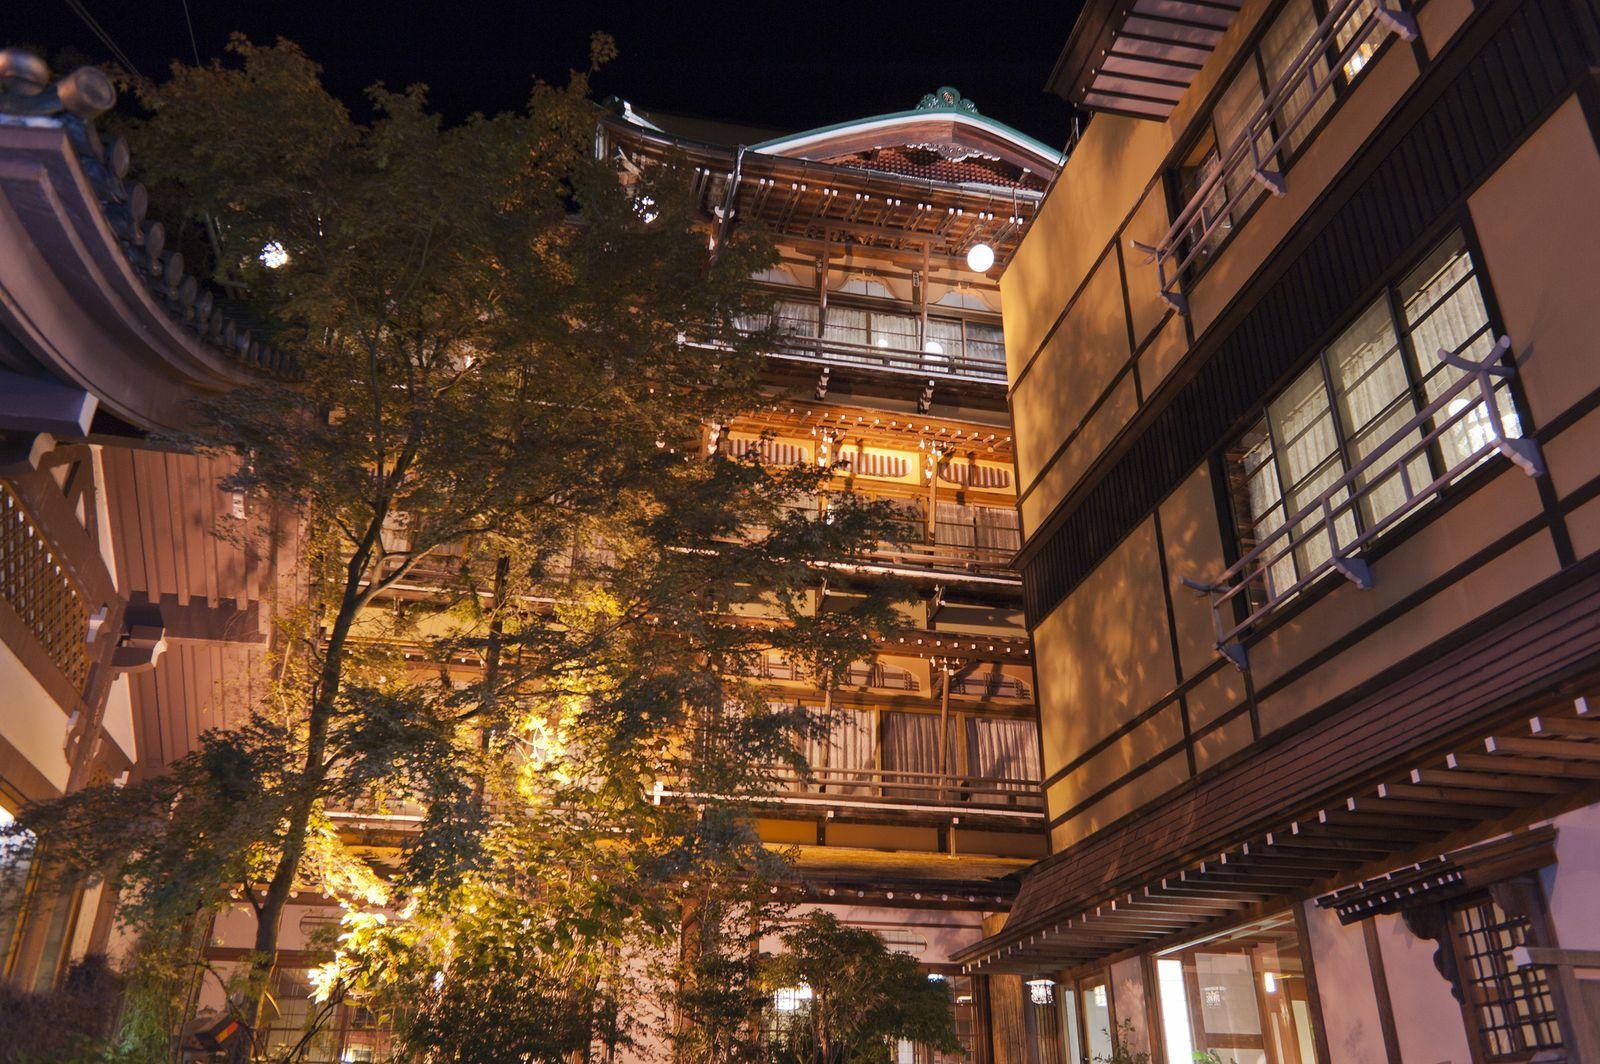 千と千尋の神隠しの舞台となった台湾の九份は有名ですが 他にも油屋のモデルとなった温泉旅館があるという 噂は噂ですが そう言われる程の老舗旅館が長野にあるのです オレンジ色に輝く古びた温泉旅館はまるで あの 世界 旅行 旅 観光旅行